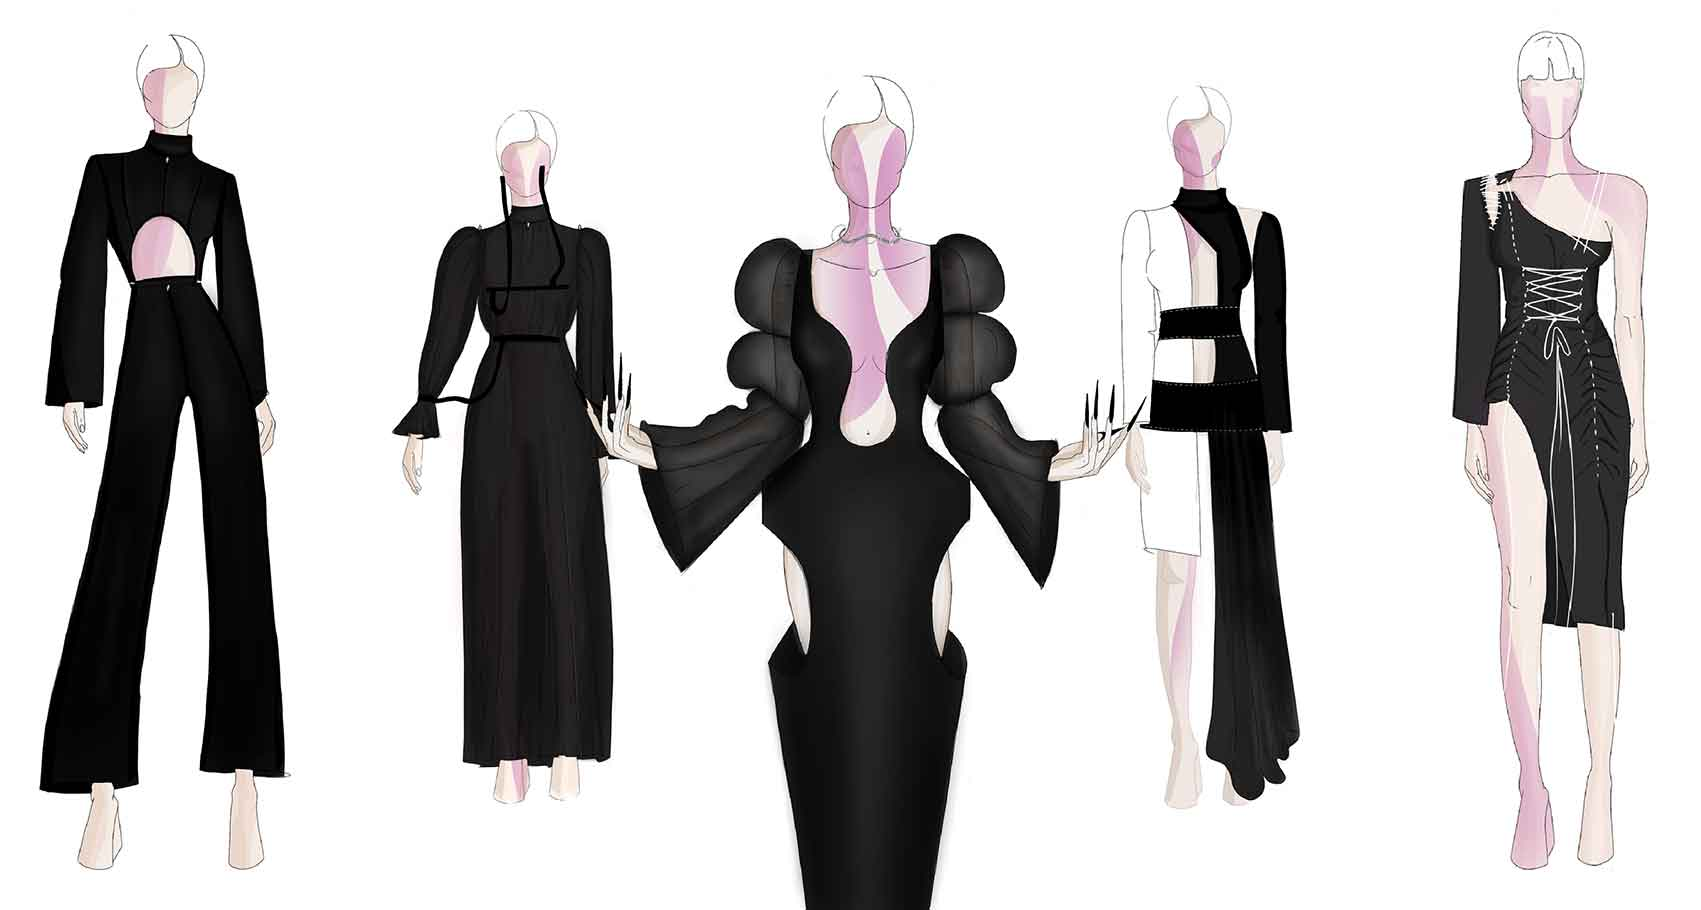 מאשה-גילדר-מגזין-אופנה-מגזין-אופנה-לנשים-Fashion-Mgazine